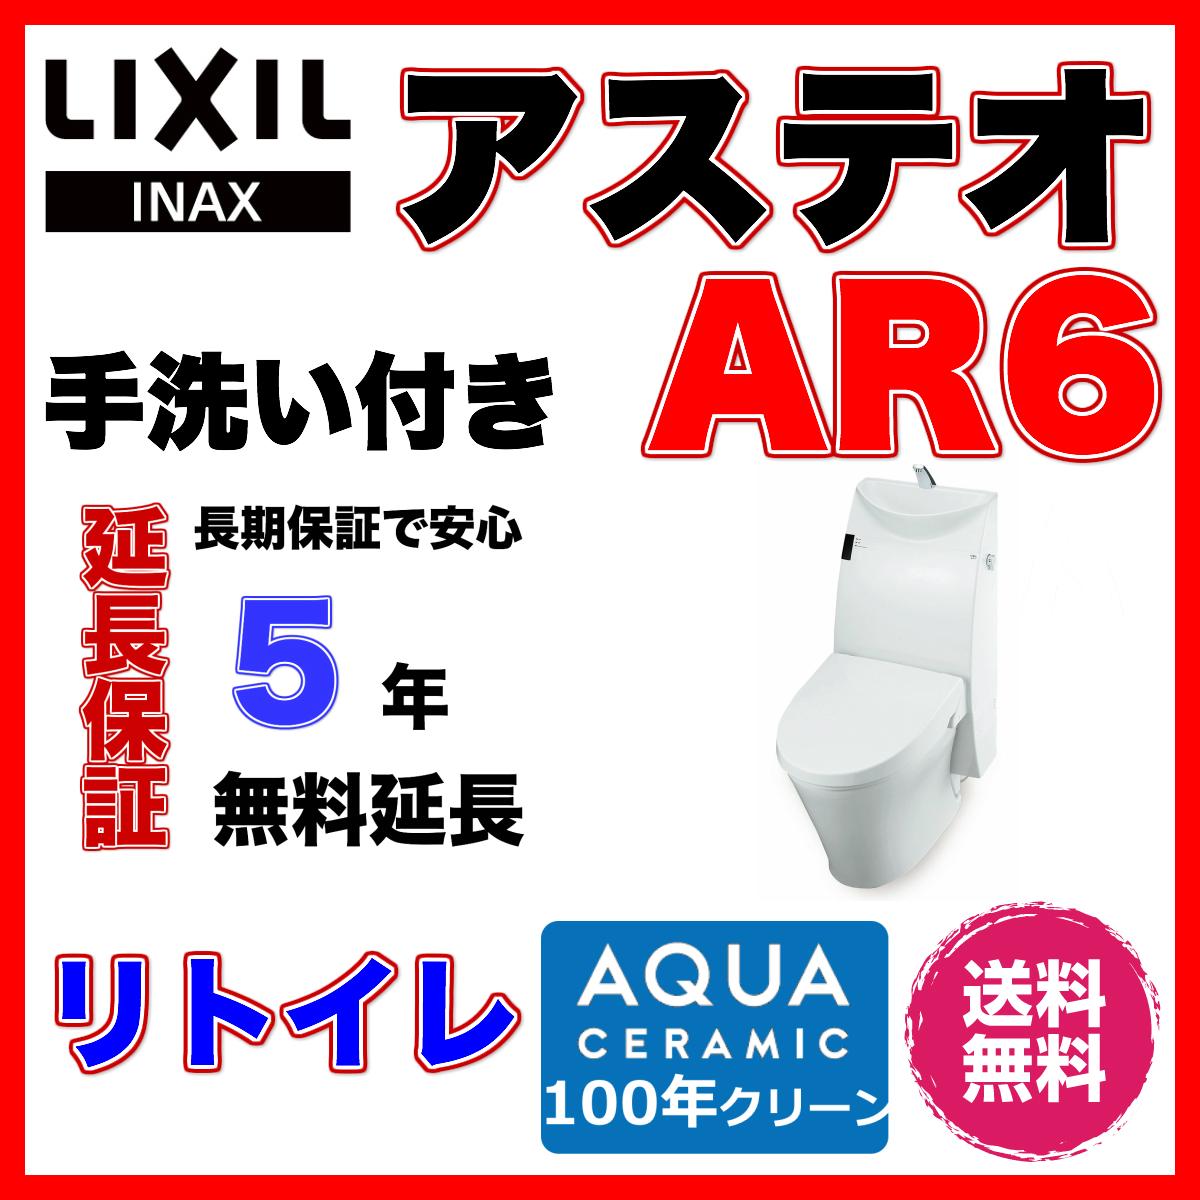 アステオ AR6タイプ LIXIL トイレ 【YBC-A10H+DT-386JH 】手洗い付 床排水リトイレ ECO6 アクアセラミック付 INAX しっかり流れる タンク付トイレ